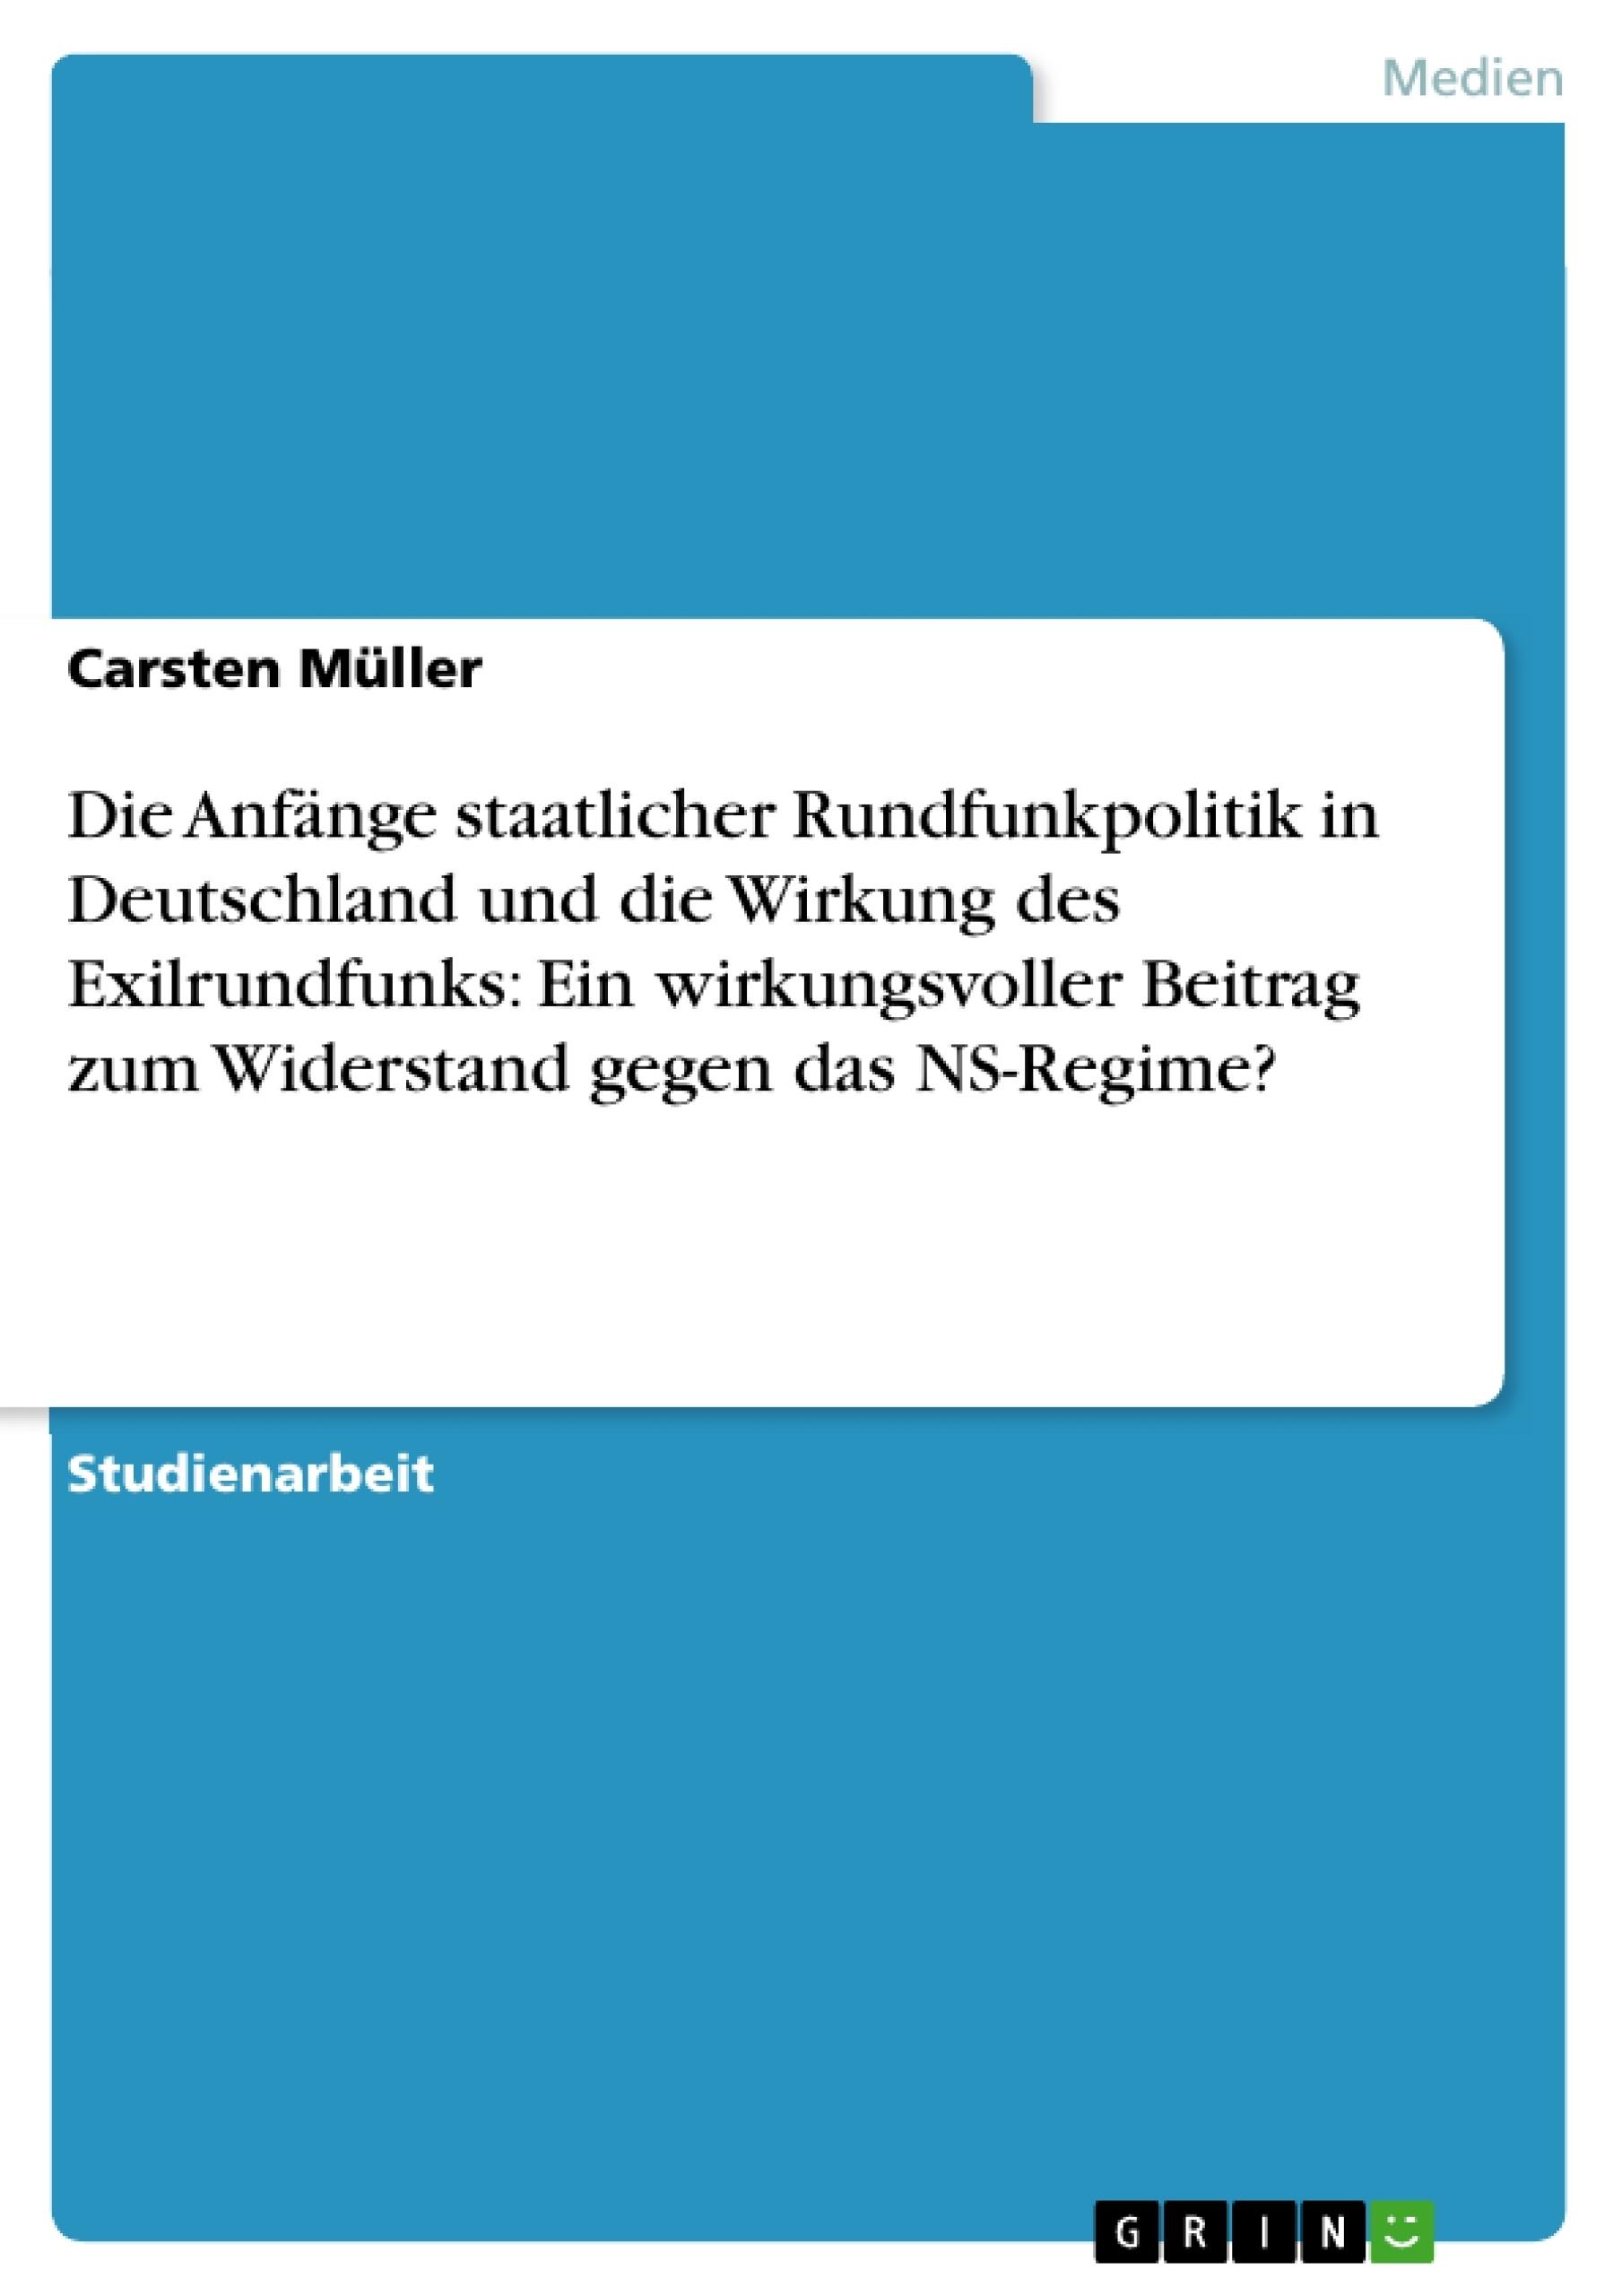 Titel: Die Anfänge staatlicher Rundfunkpolitik in Deutschland und die Wirkung des Exilrundfunks: Ein wirkungsvoller Beitrag zum Widerstand gegen das NS-Regime?